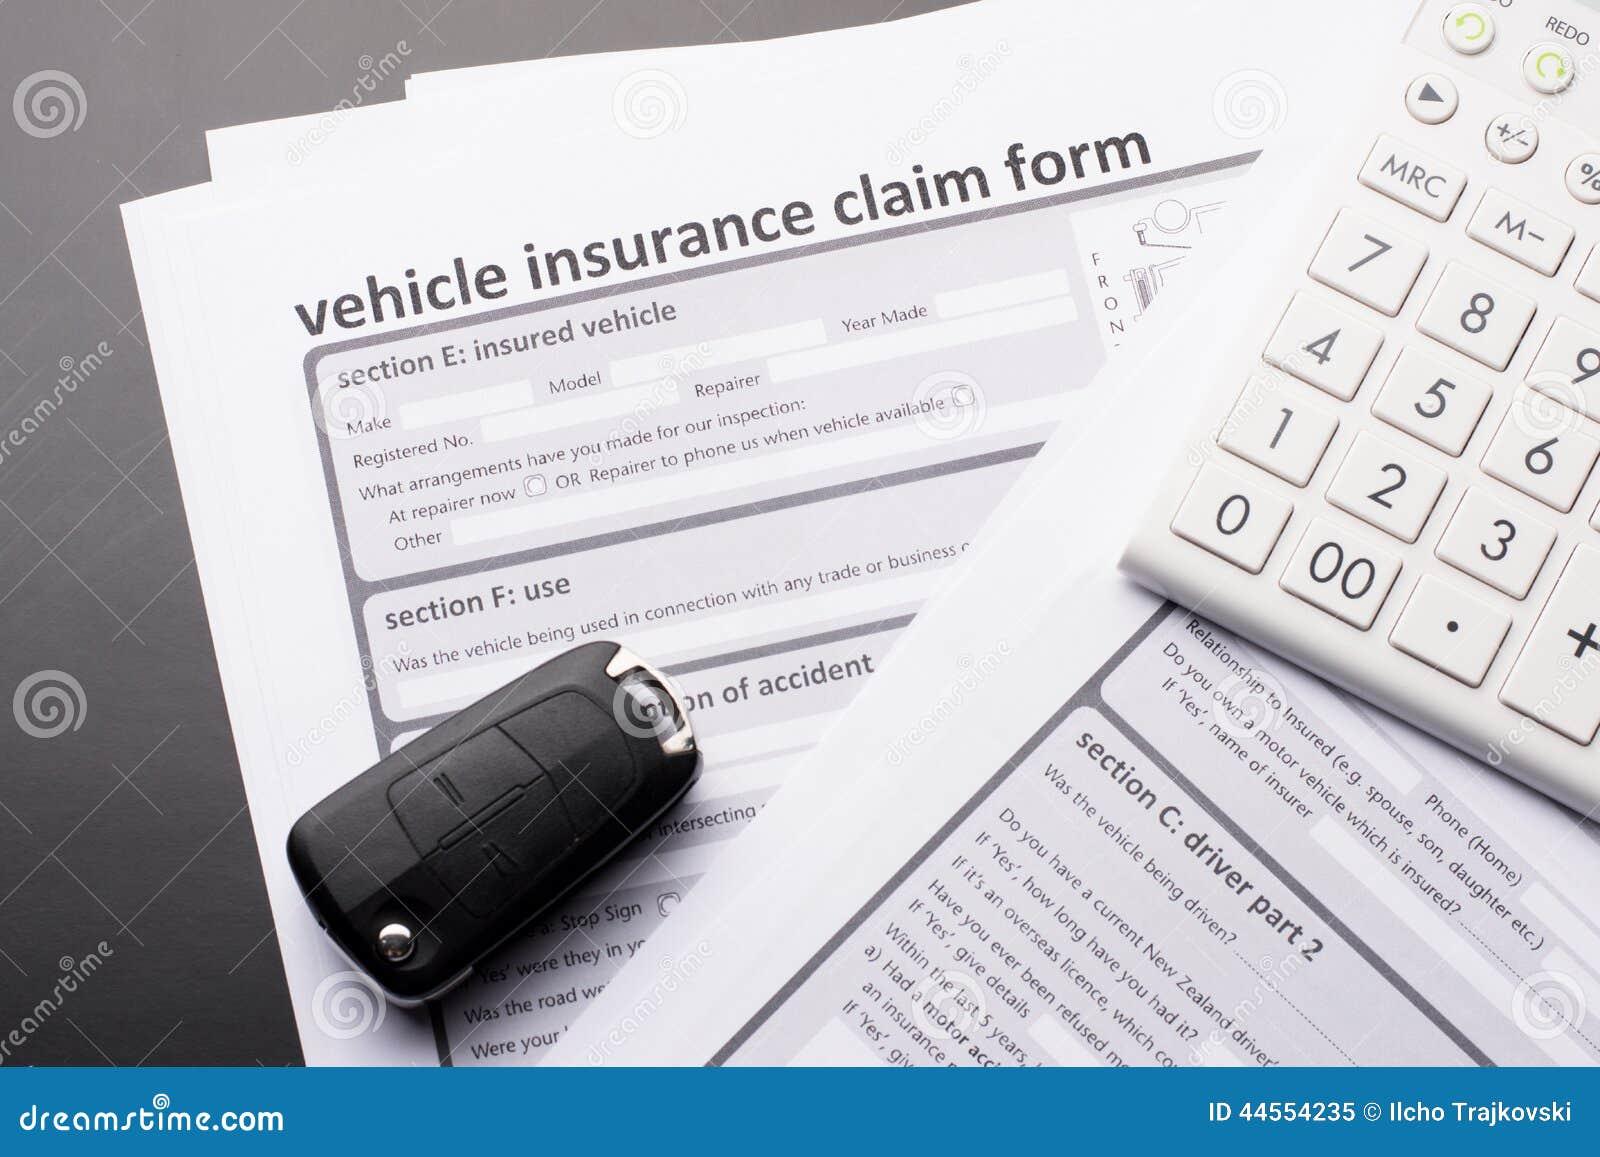 Vehicle Insurance Form Stock Photo Image 44554235